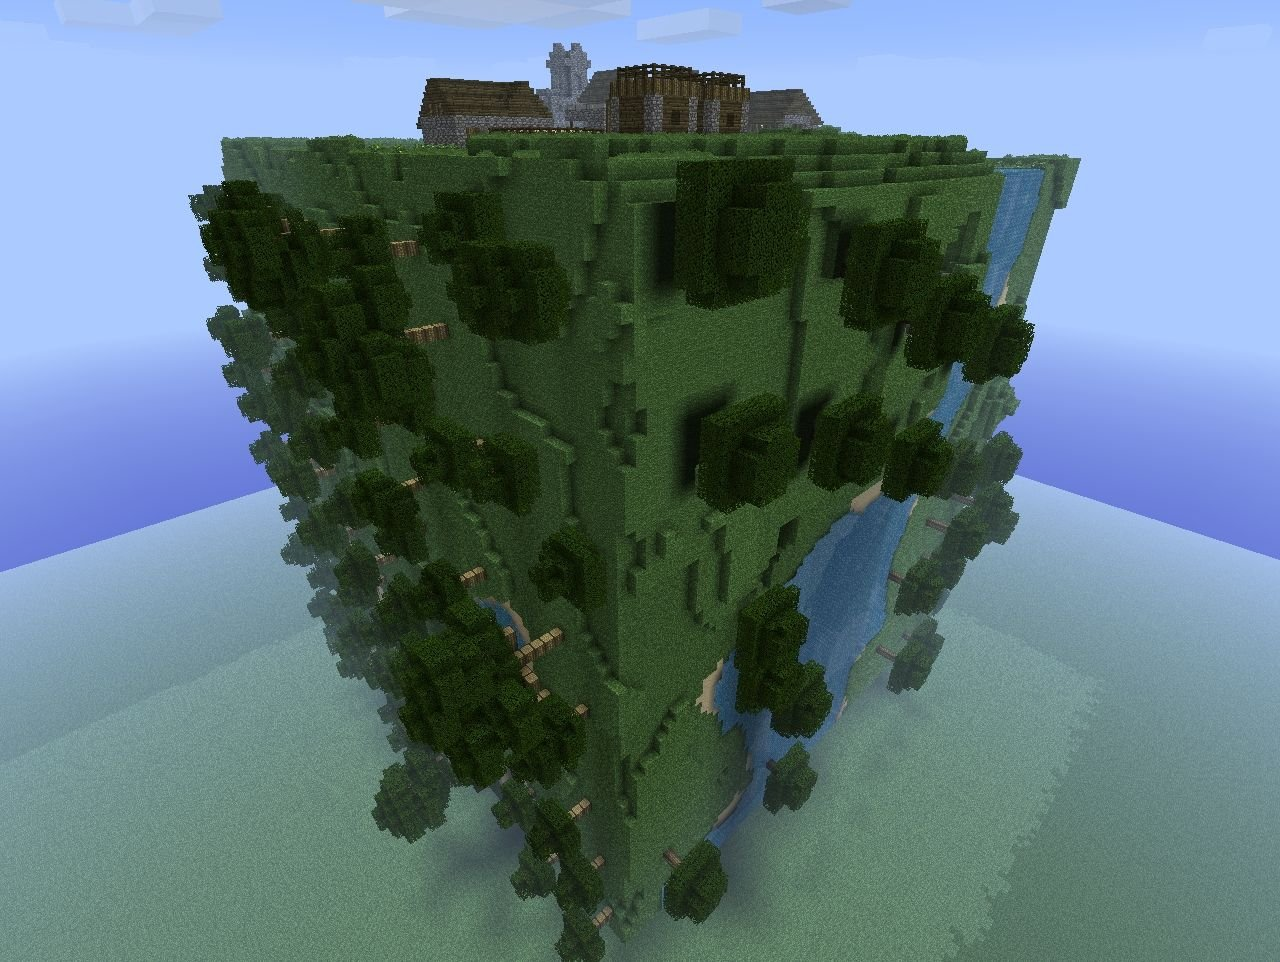 Известная в определенных кругах ролевая игра Cube World достигла стадии альфа-тестирования. Несмотря на кажущуюся ид ... - Изображение 1